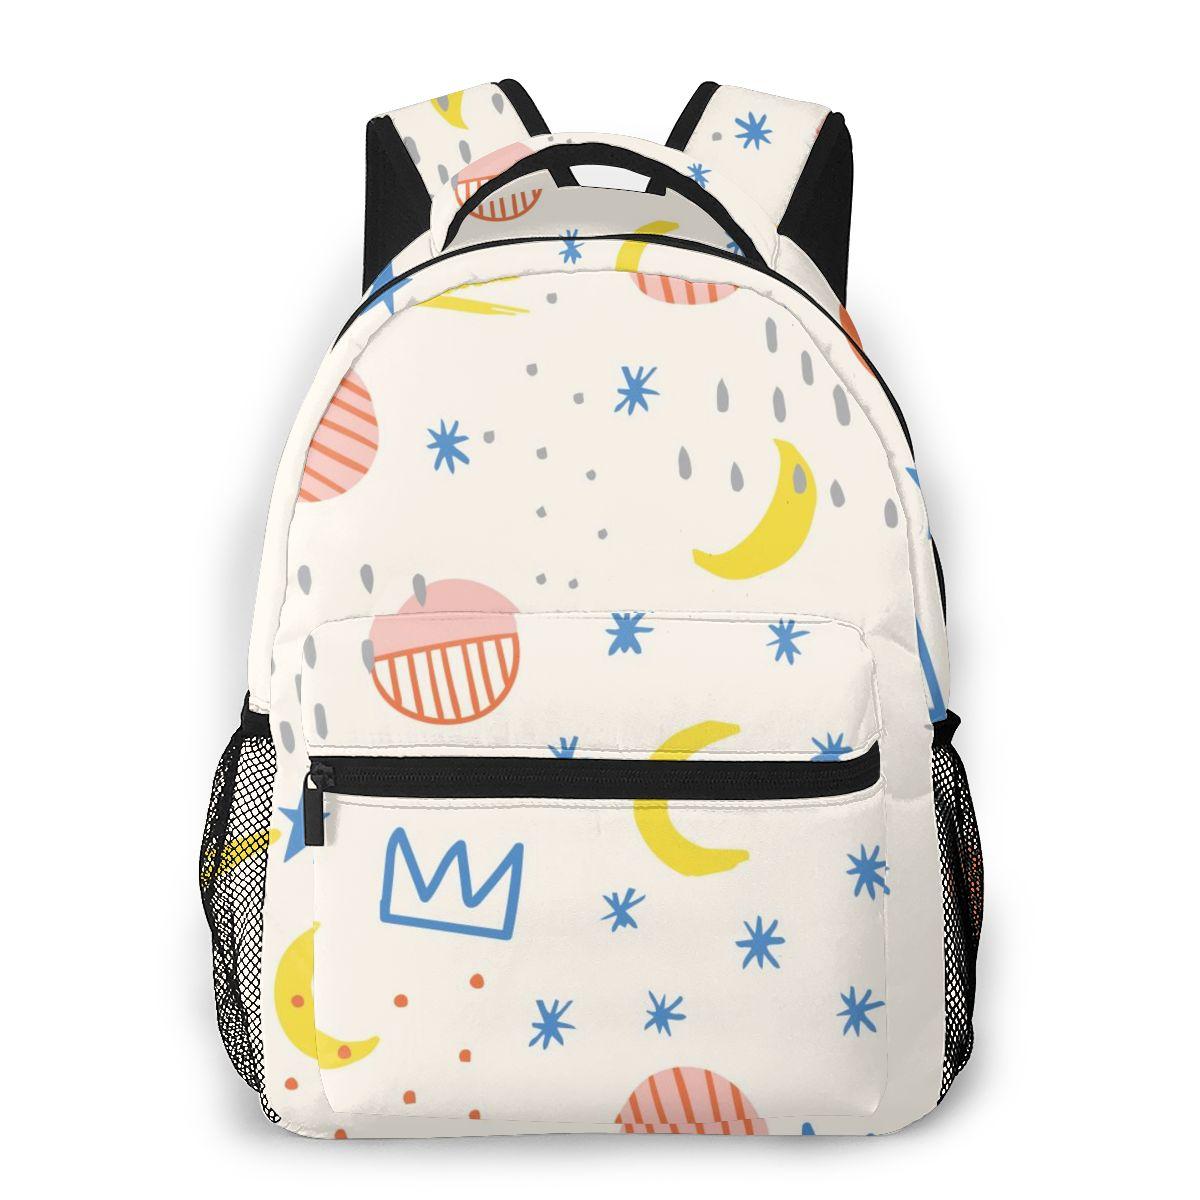 Mochila de Ombro Estrelas e Luas Bolsa de Escola para Adolescentes Bolsa de Viagem Mochila Feminina Moda Crianças Mochilas 2020